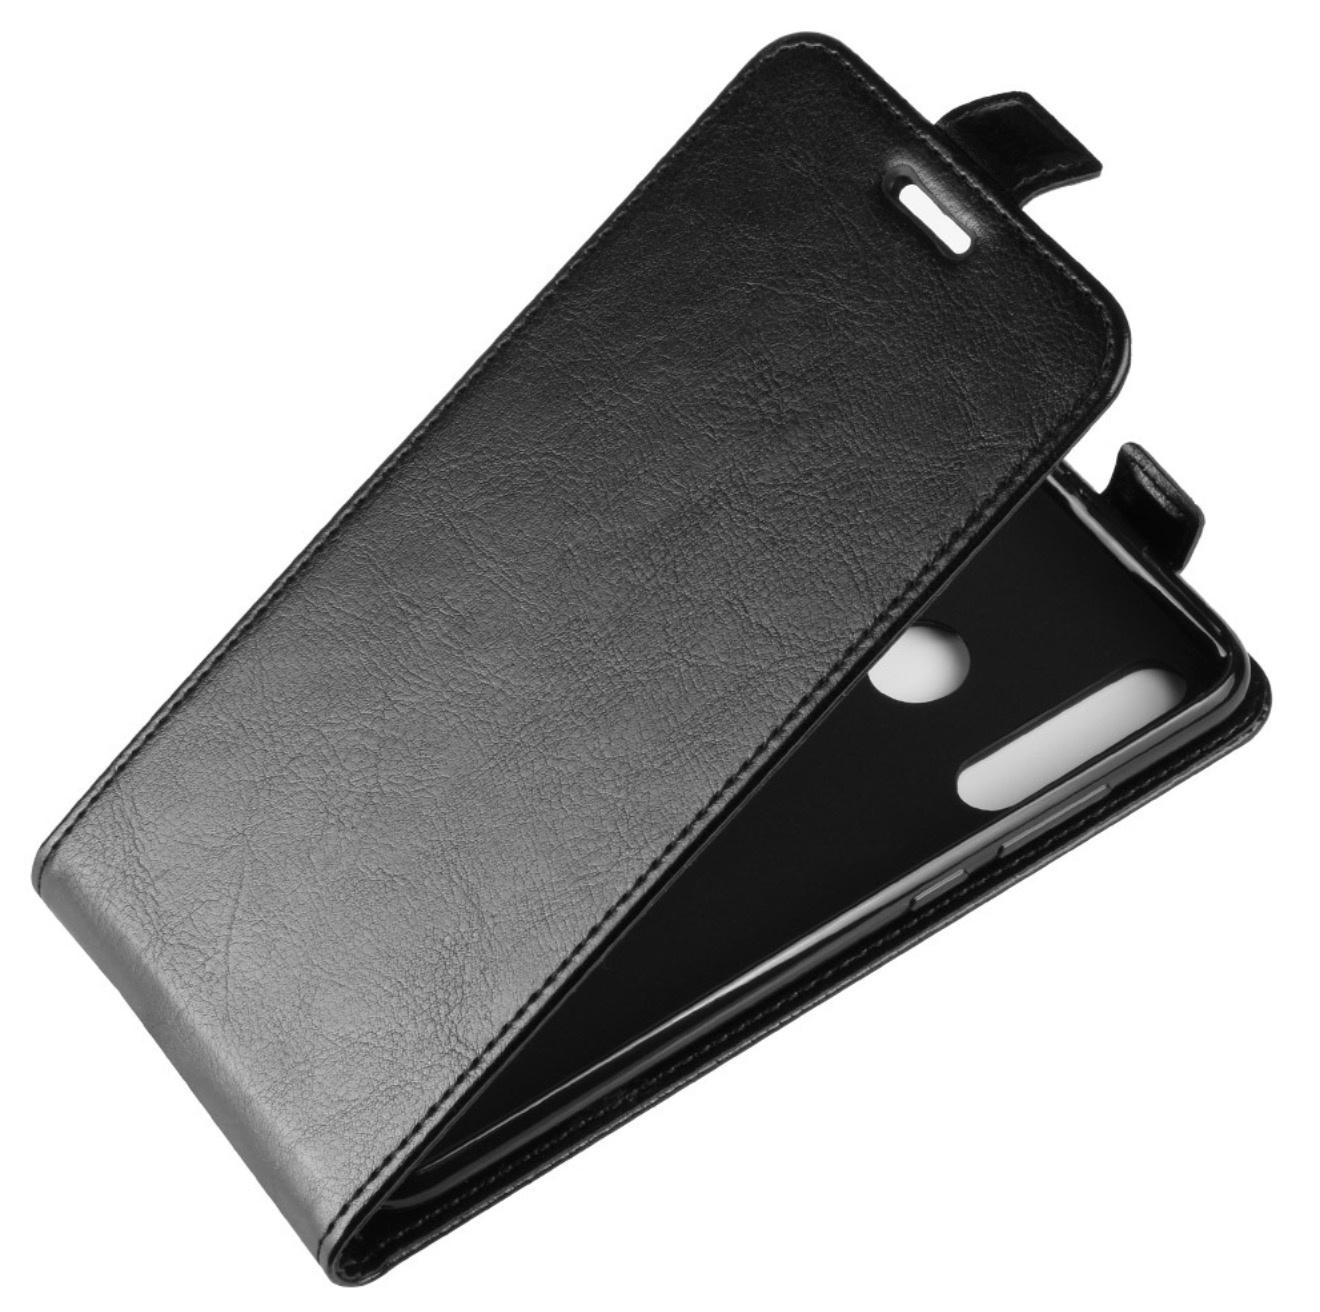 Чехол-флип MyPads для Fly IQ4409 Era Life 4 Quad вертикальный откидной черный все цены